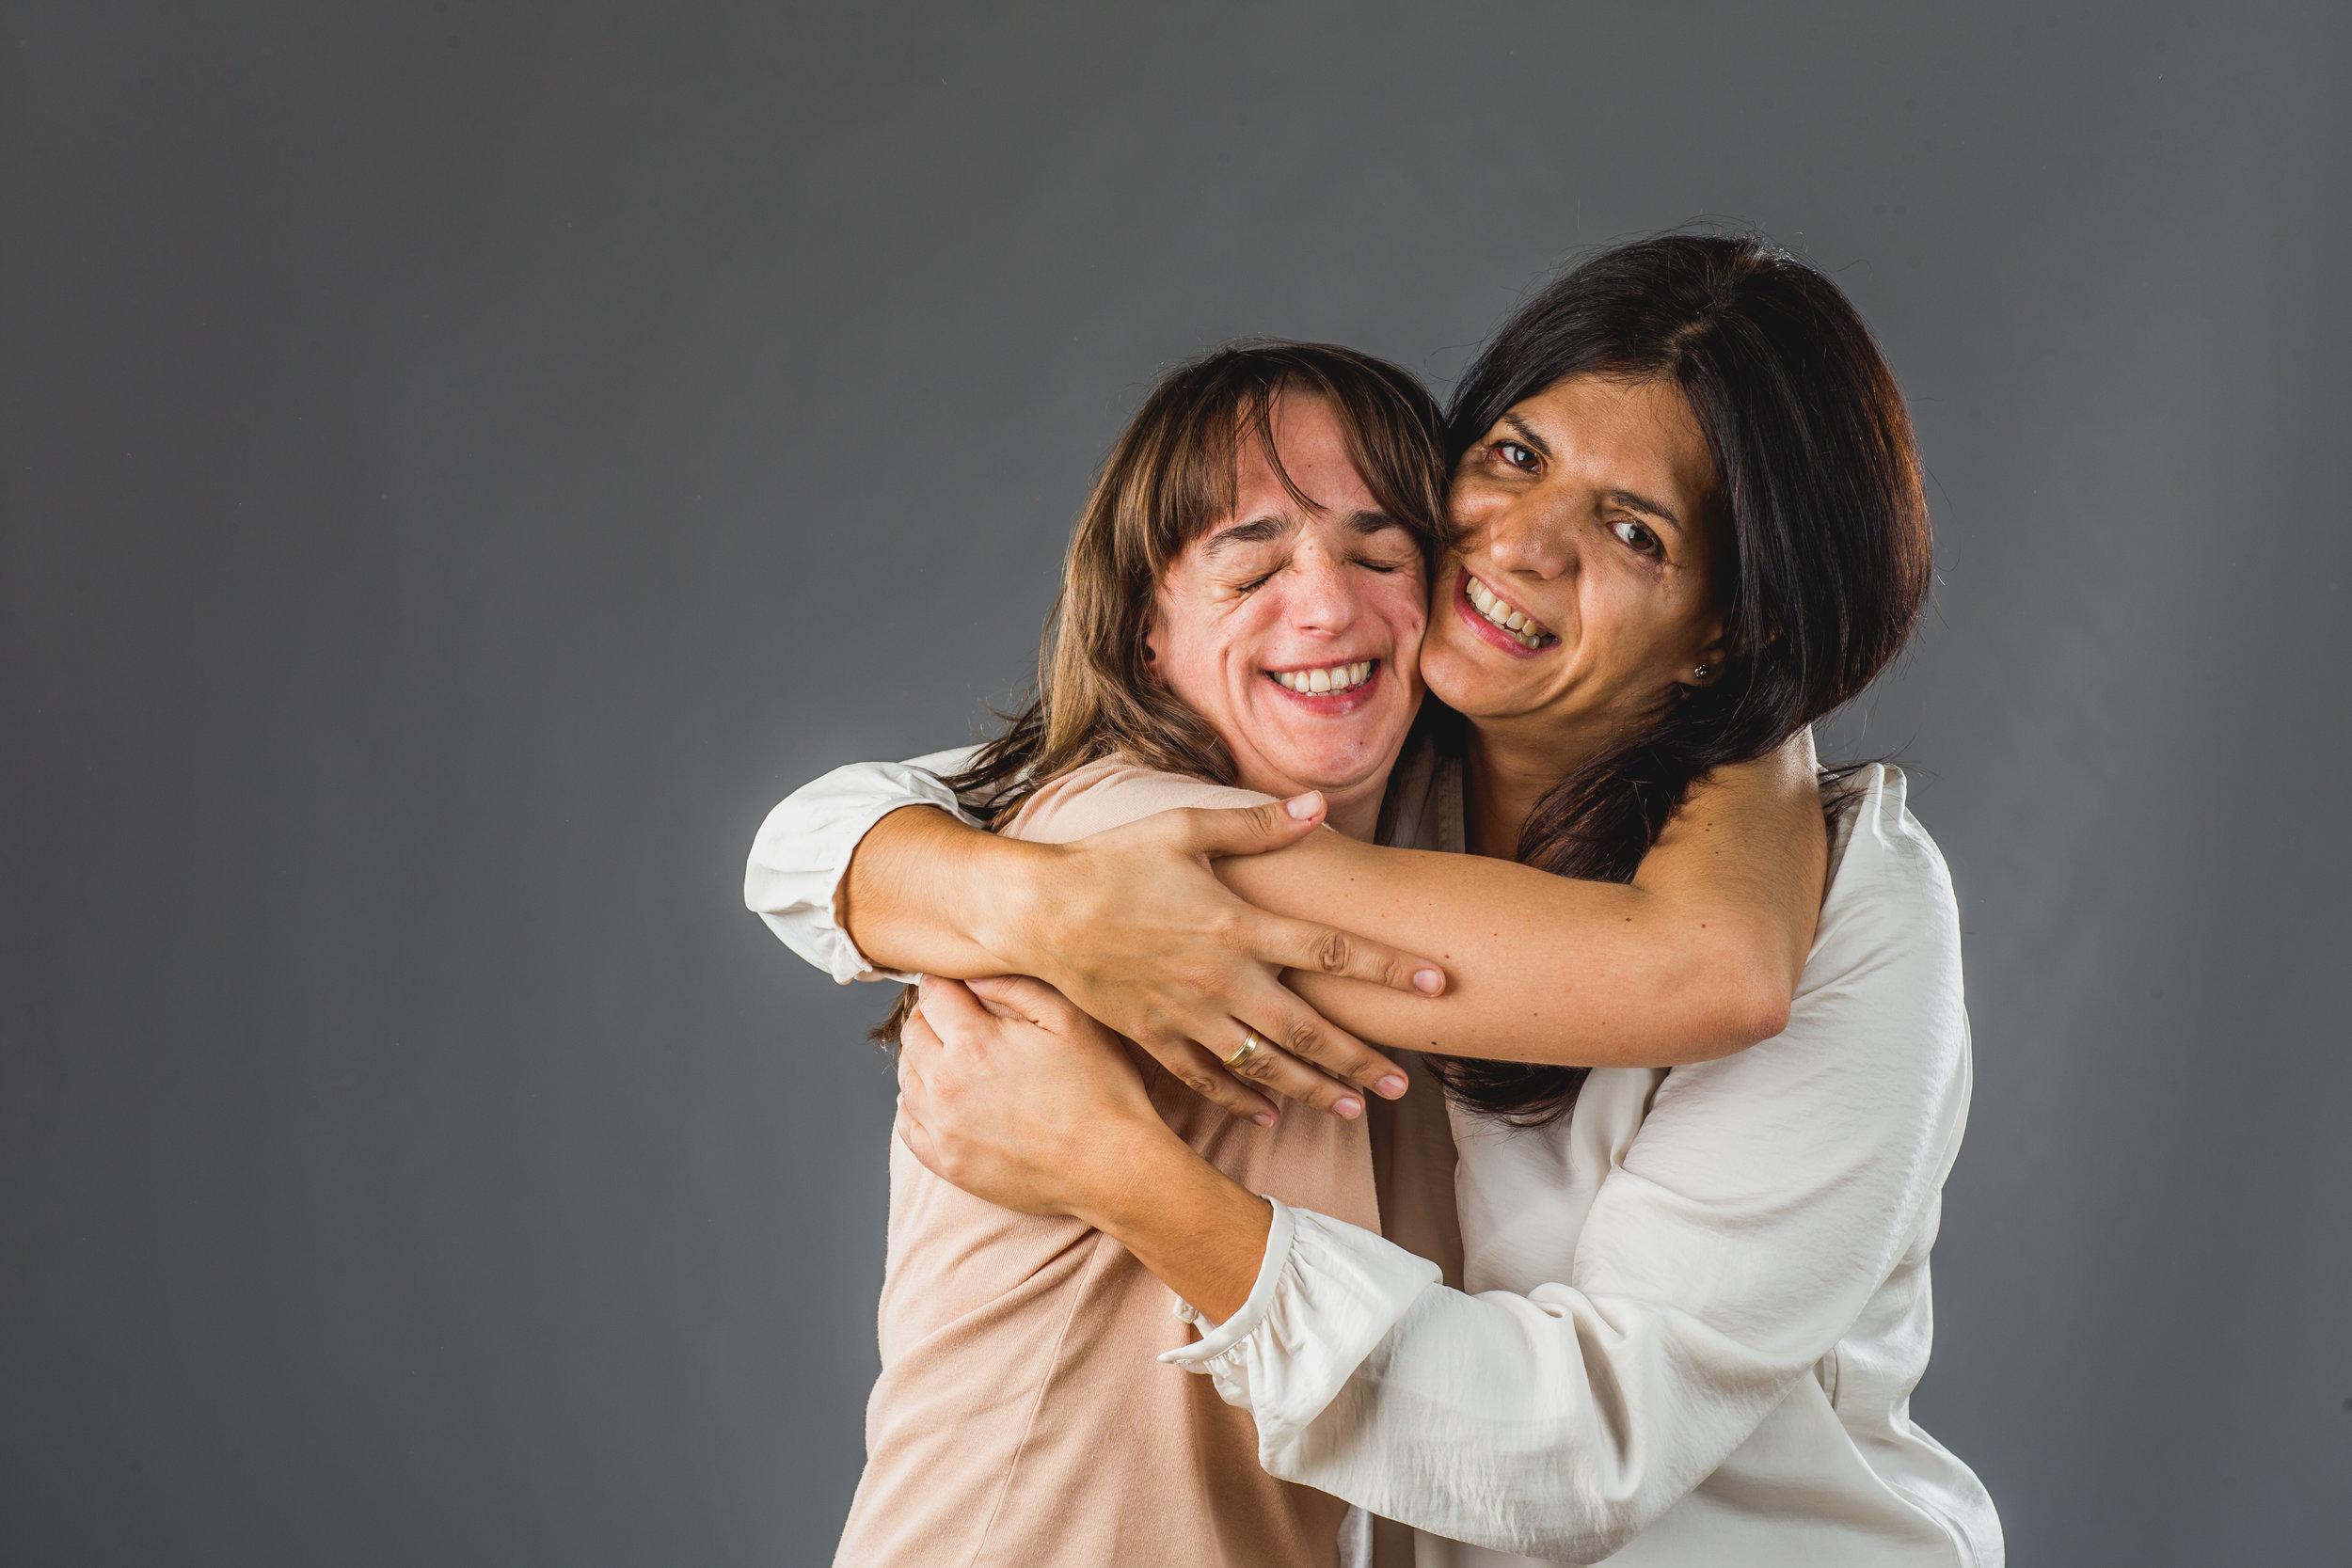 Vicky abraza a Susana